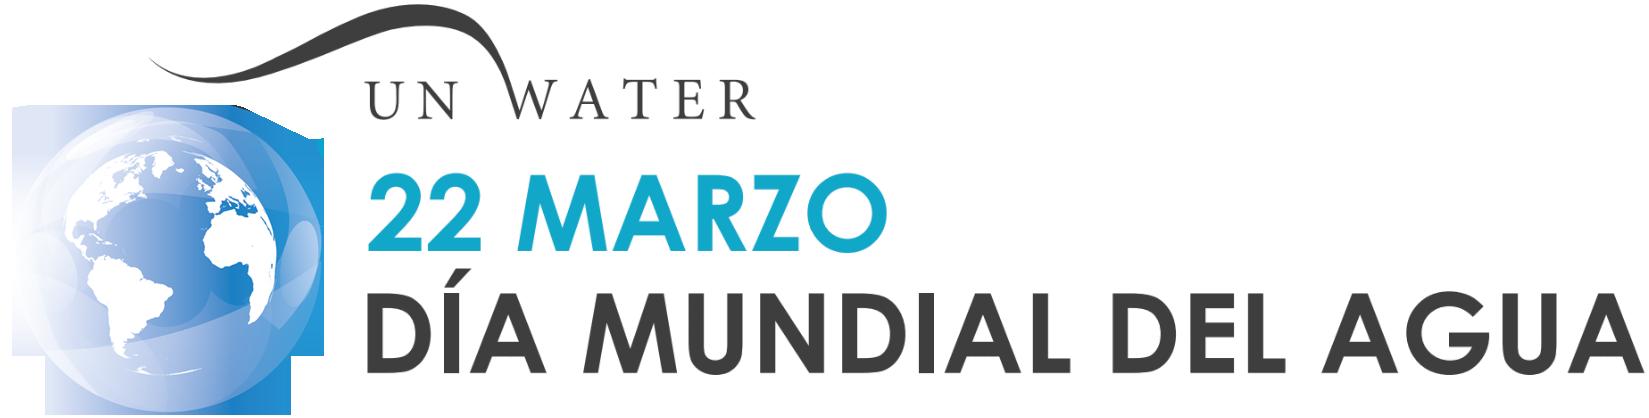 UN Water (ES)